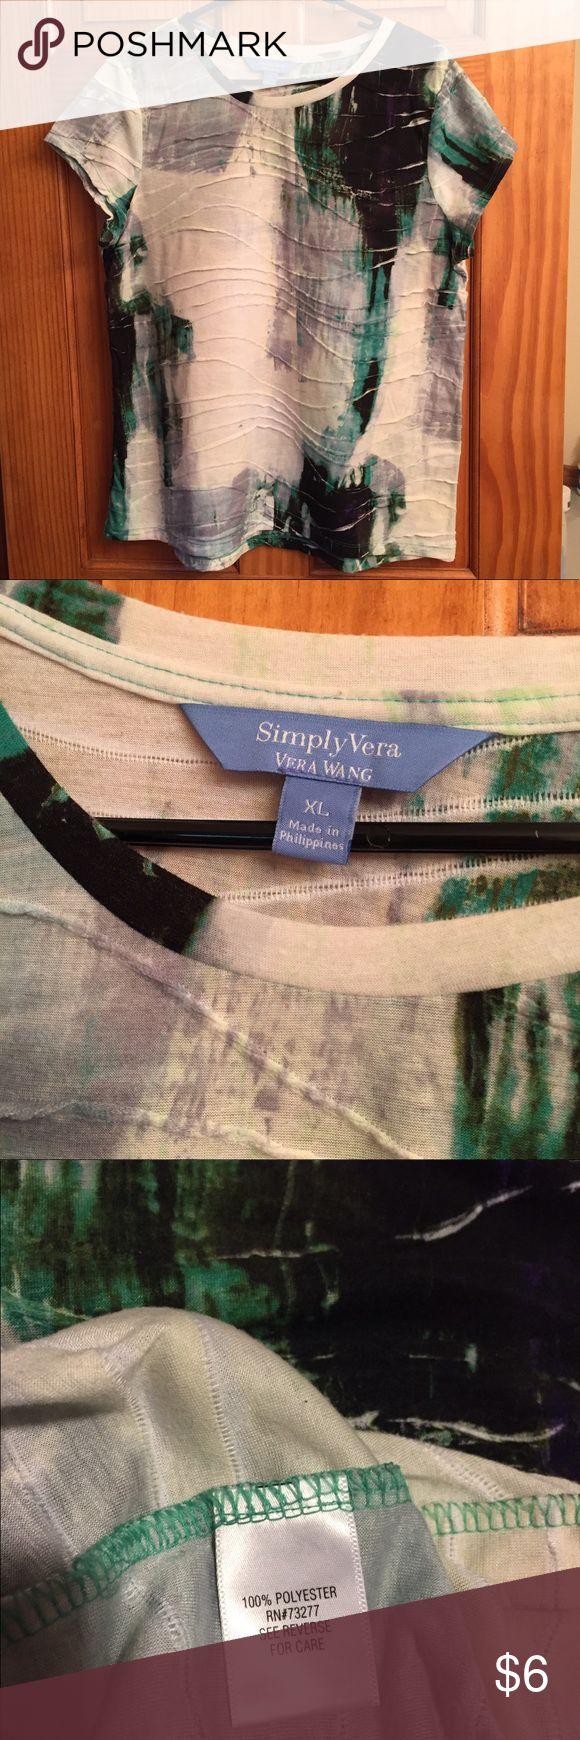 Simply Vera - Vera Wang 100% Polyester Shirt Simply Vera - Vera Wang 100% Polyester Shirt.  Gently worn. Simply Vera Vera Wang Tops Tees - Short Sleeve